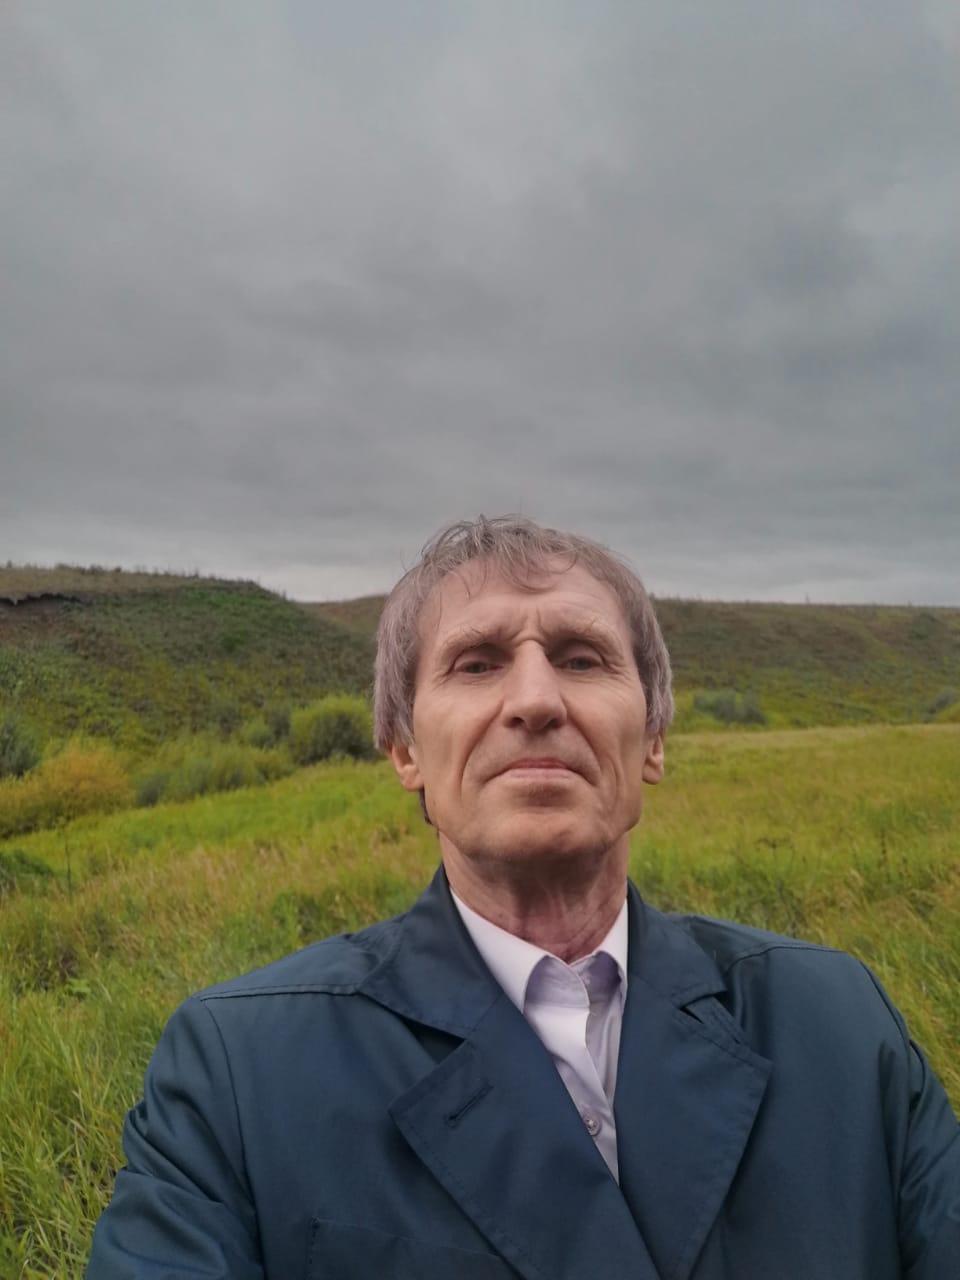 Василий Мельниченко руководит хозяйством в Камышловском районе